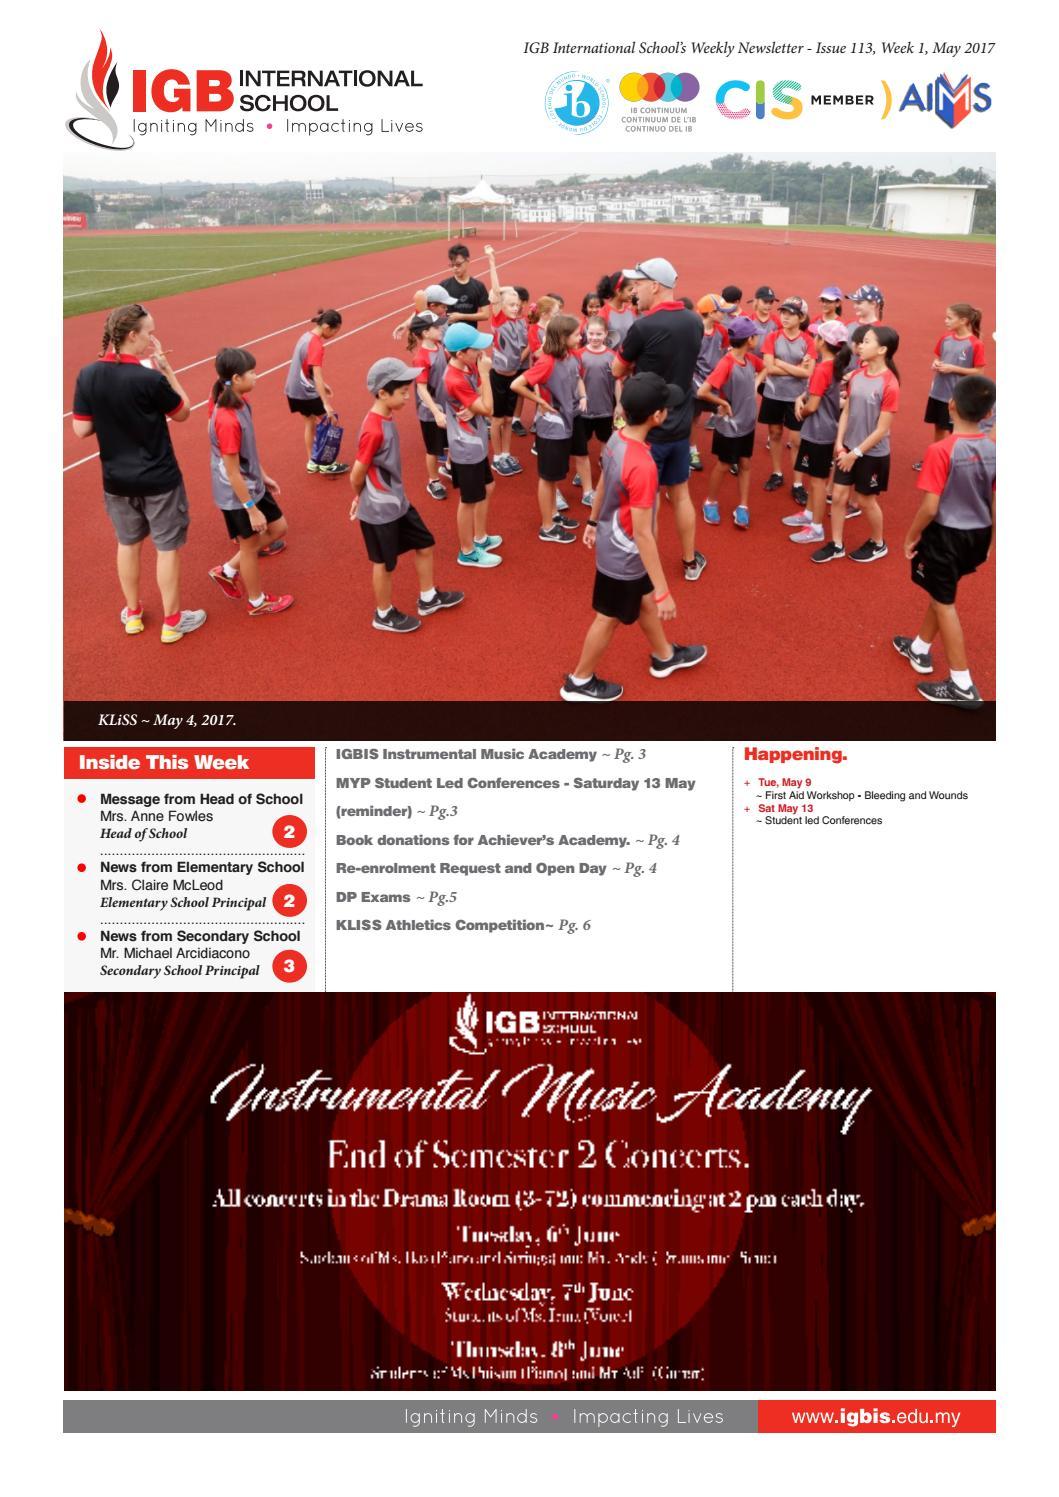 ca5bd20241a Issue 113 Newsletter May 2017 by IGB International School - issuu